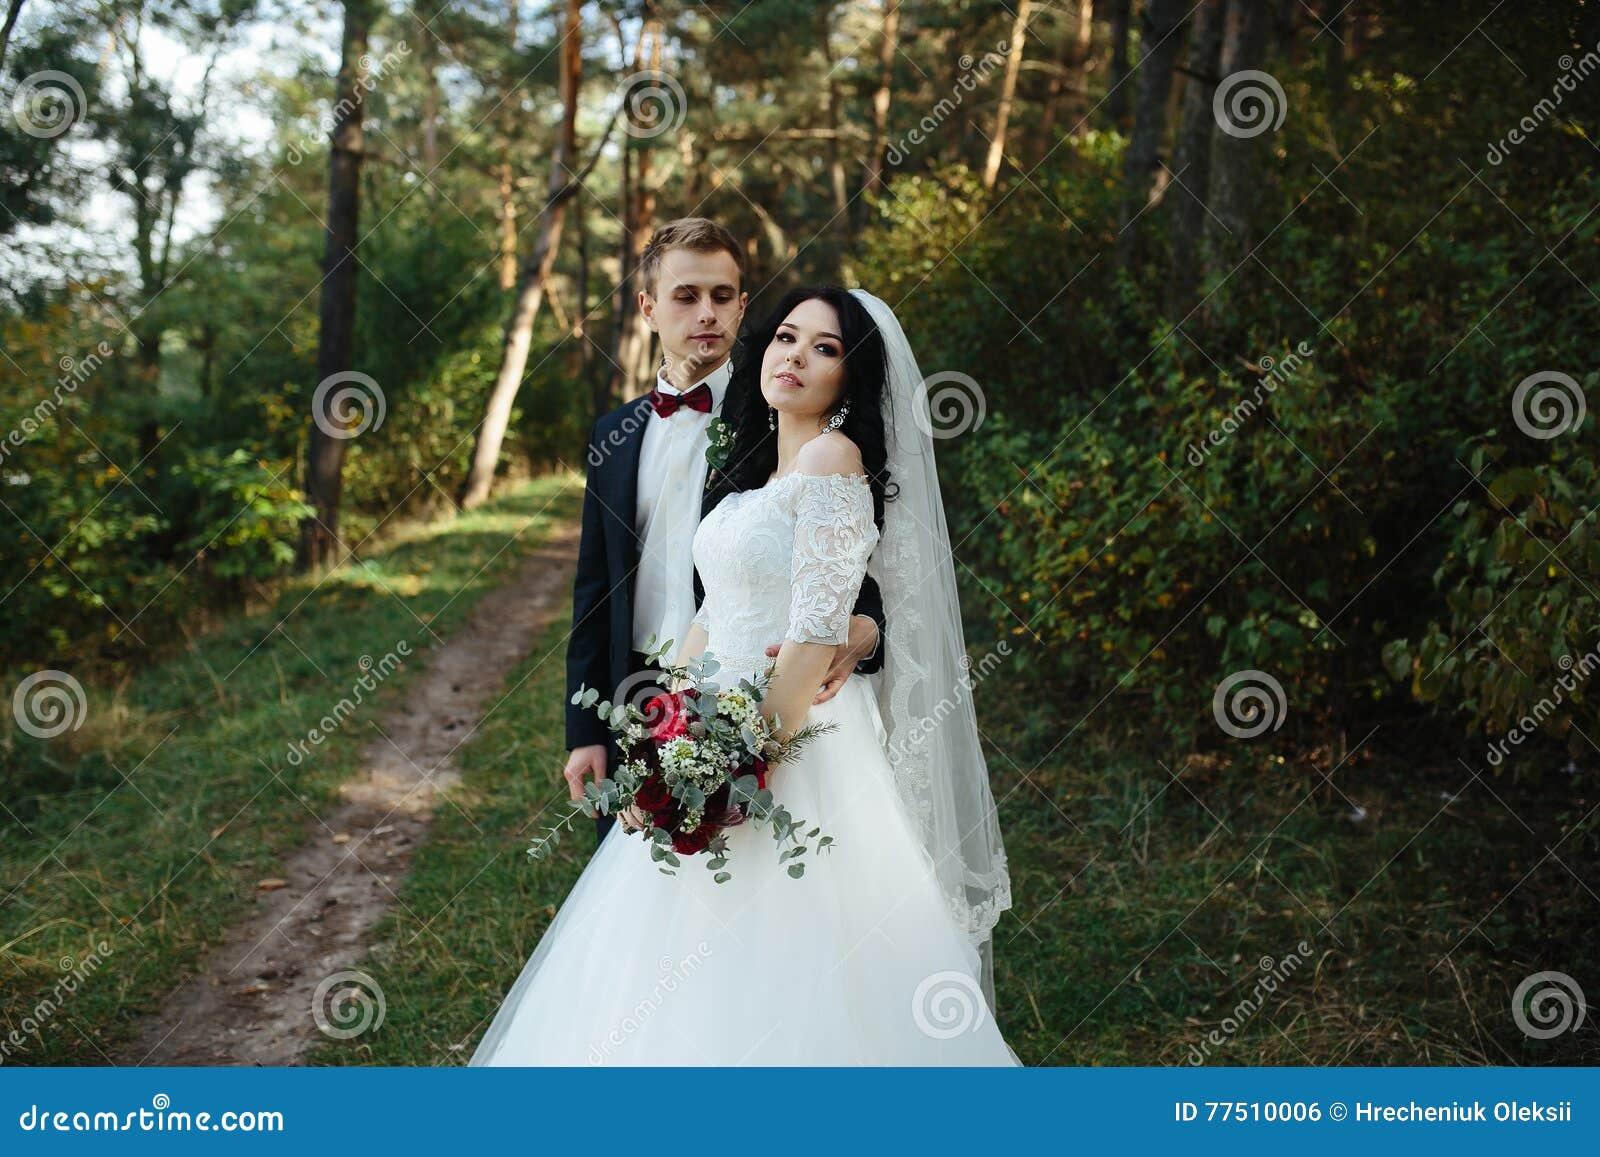 Préférence Belle Pose De Couples De Mariage Photo stock - Image: 77510006 XT72